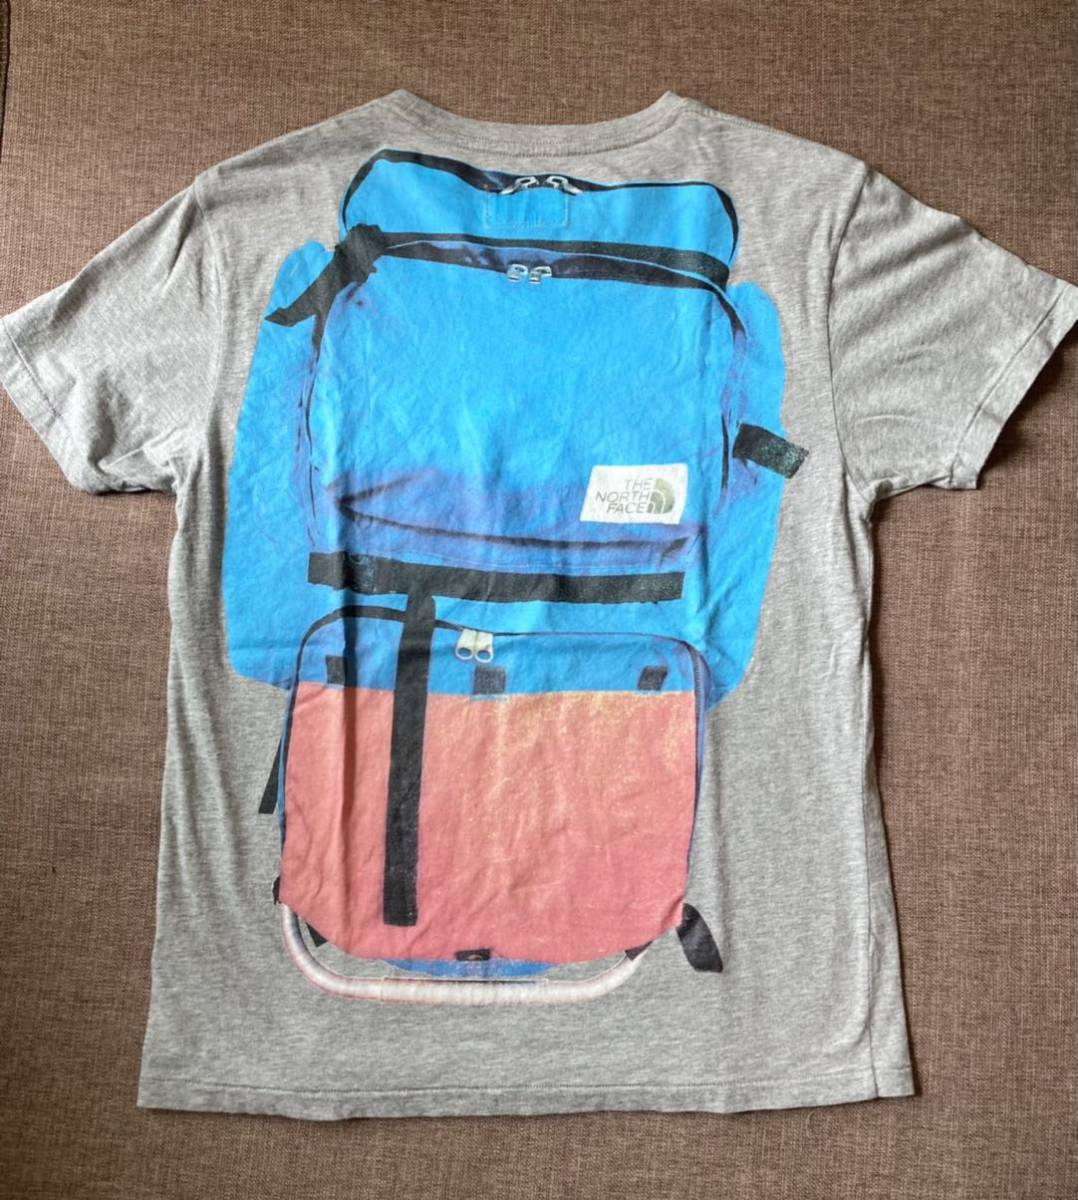 The North Face ザ・ノースフェイス ビンテージ レア Tシャツ S デイパック リュック バッグパック フォトプリント 騙し絵